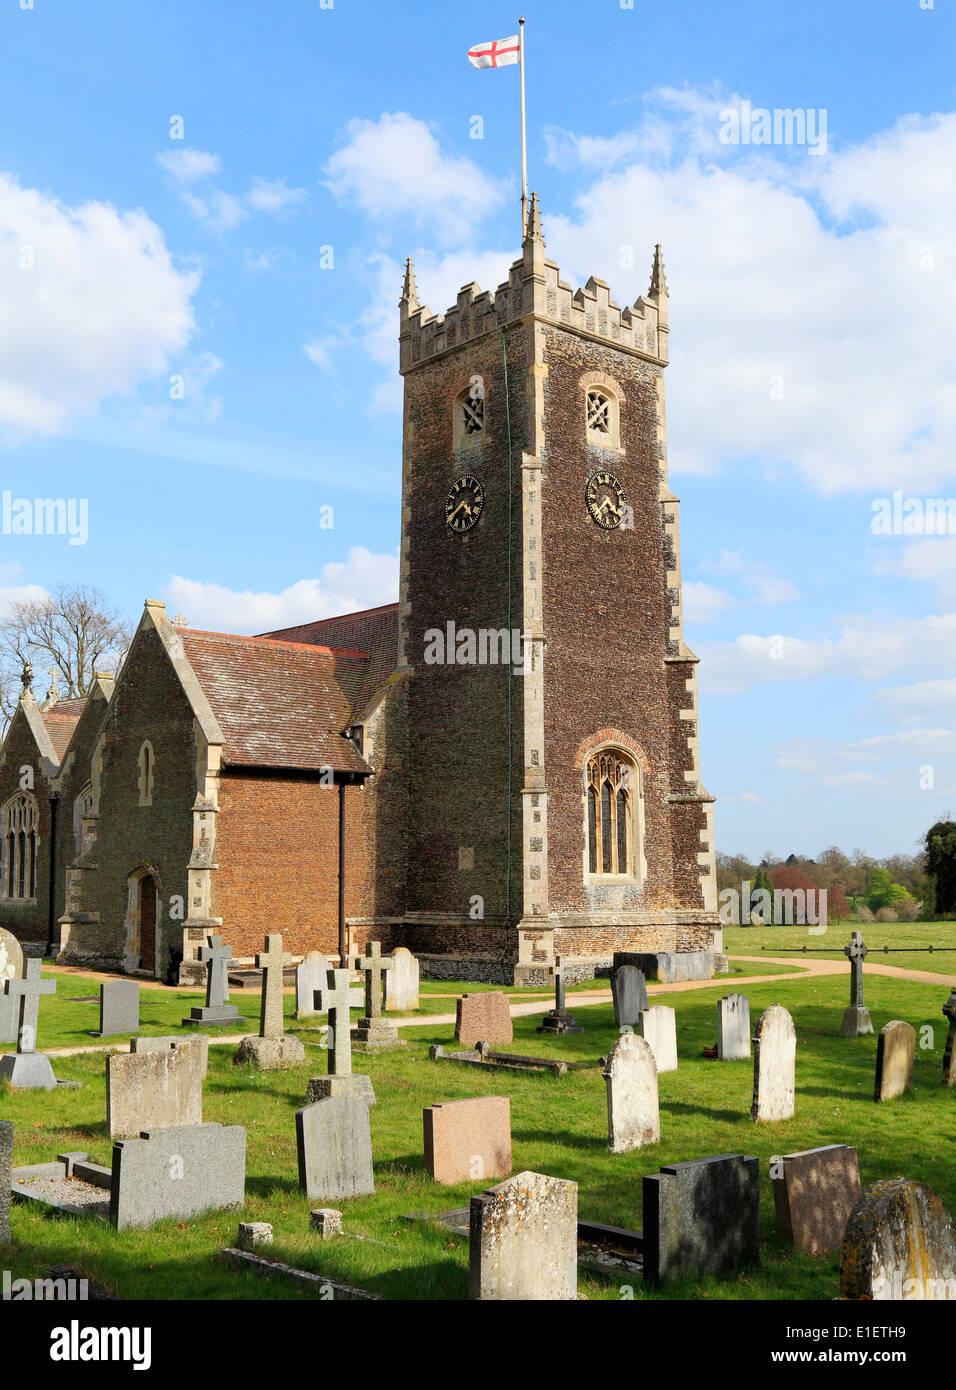 Sandringham chiesa parrocchiale di San Giorgio e Bandiera, Norfolk , Inghilterra UK battenti bandiera di San Giorgio, San Giorgio carstone bandiere Immagini Stock